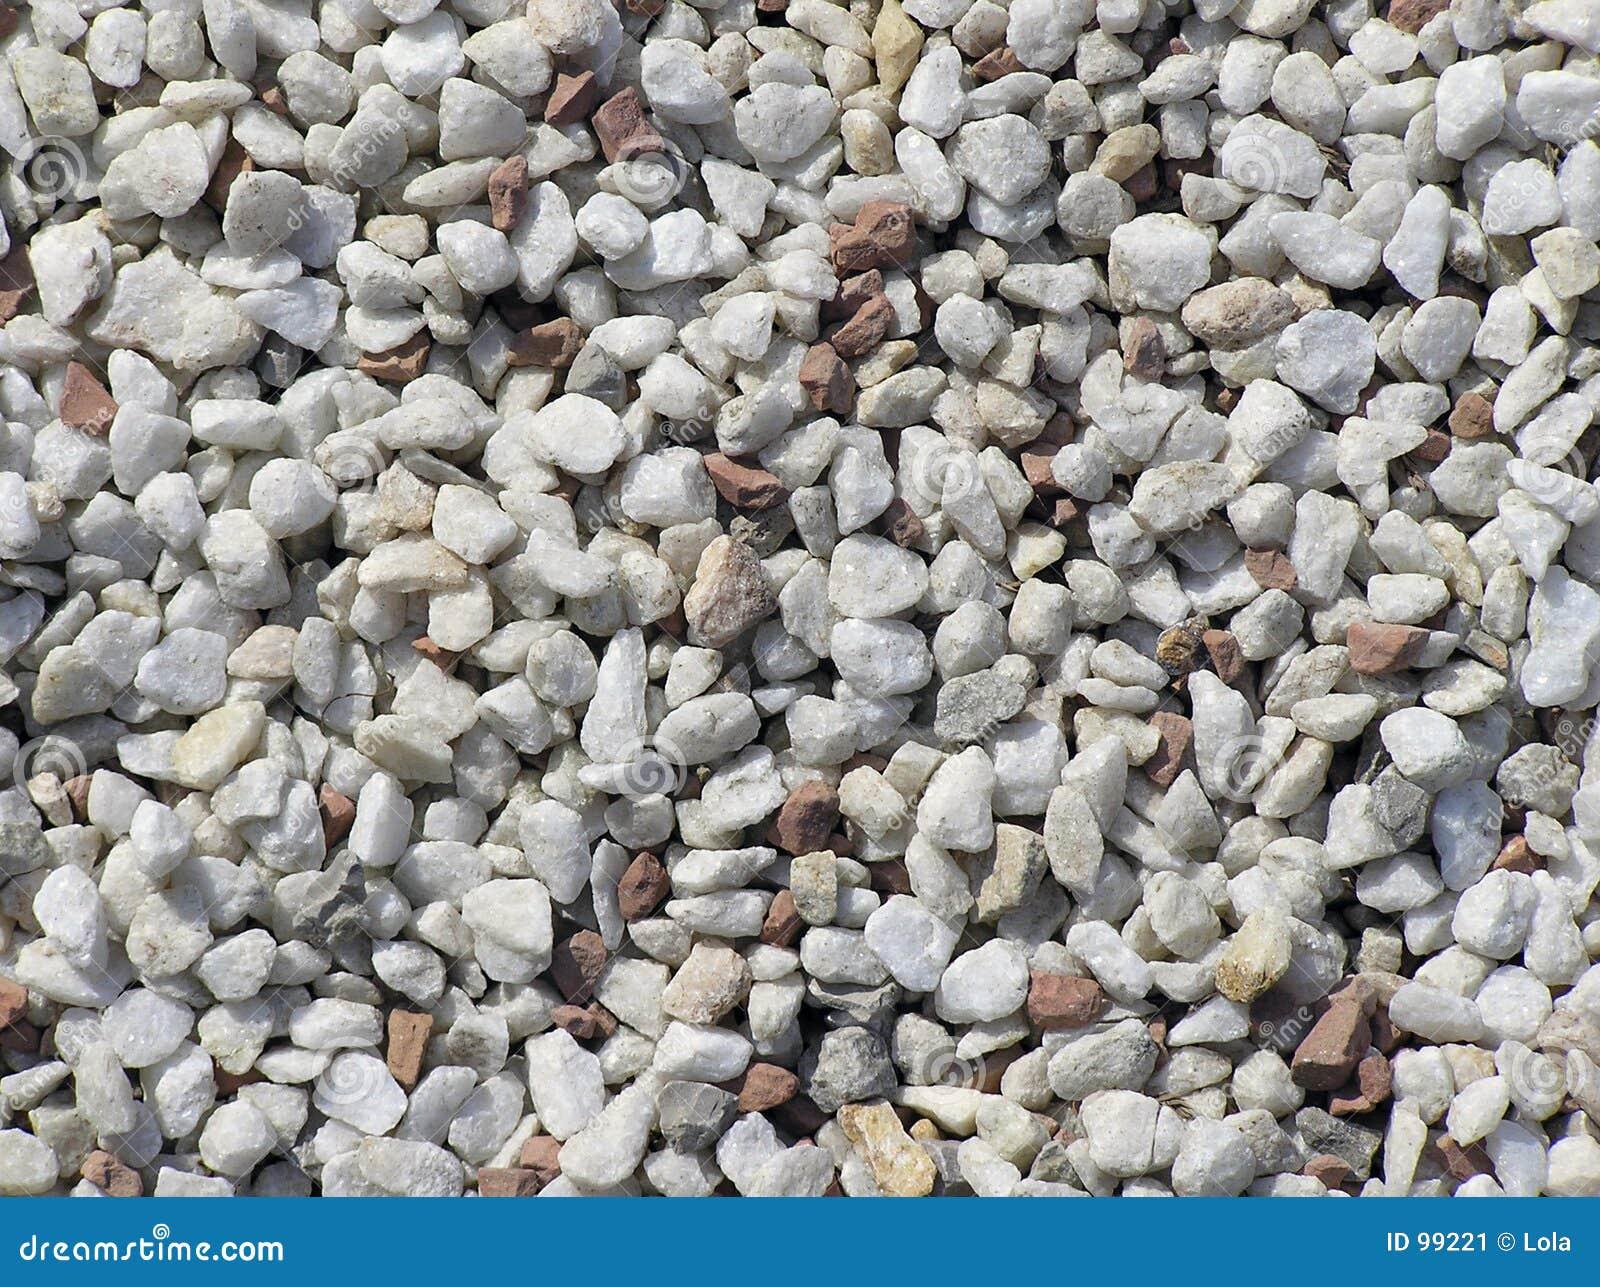 pedras de jardim branca:Pedras brancas e vermelhas